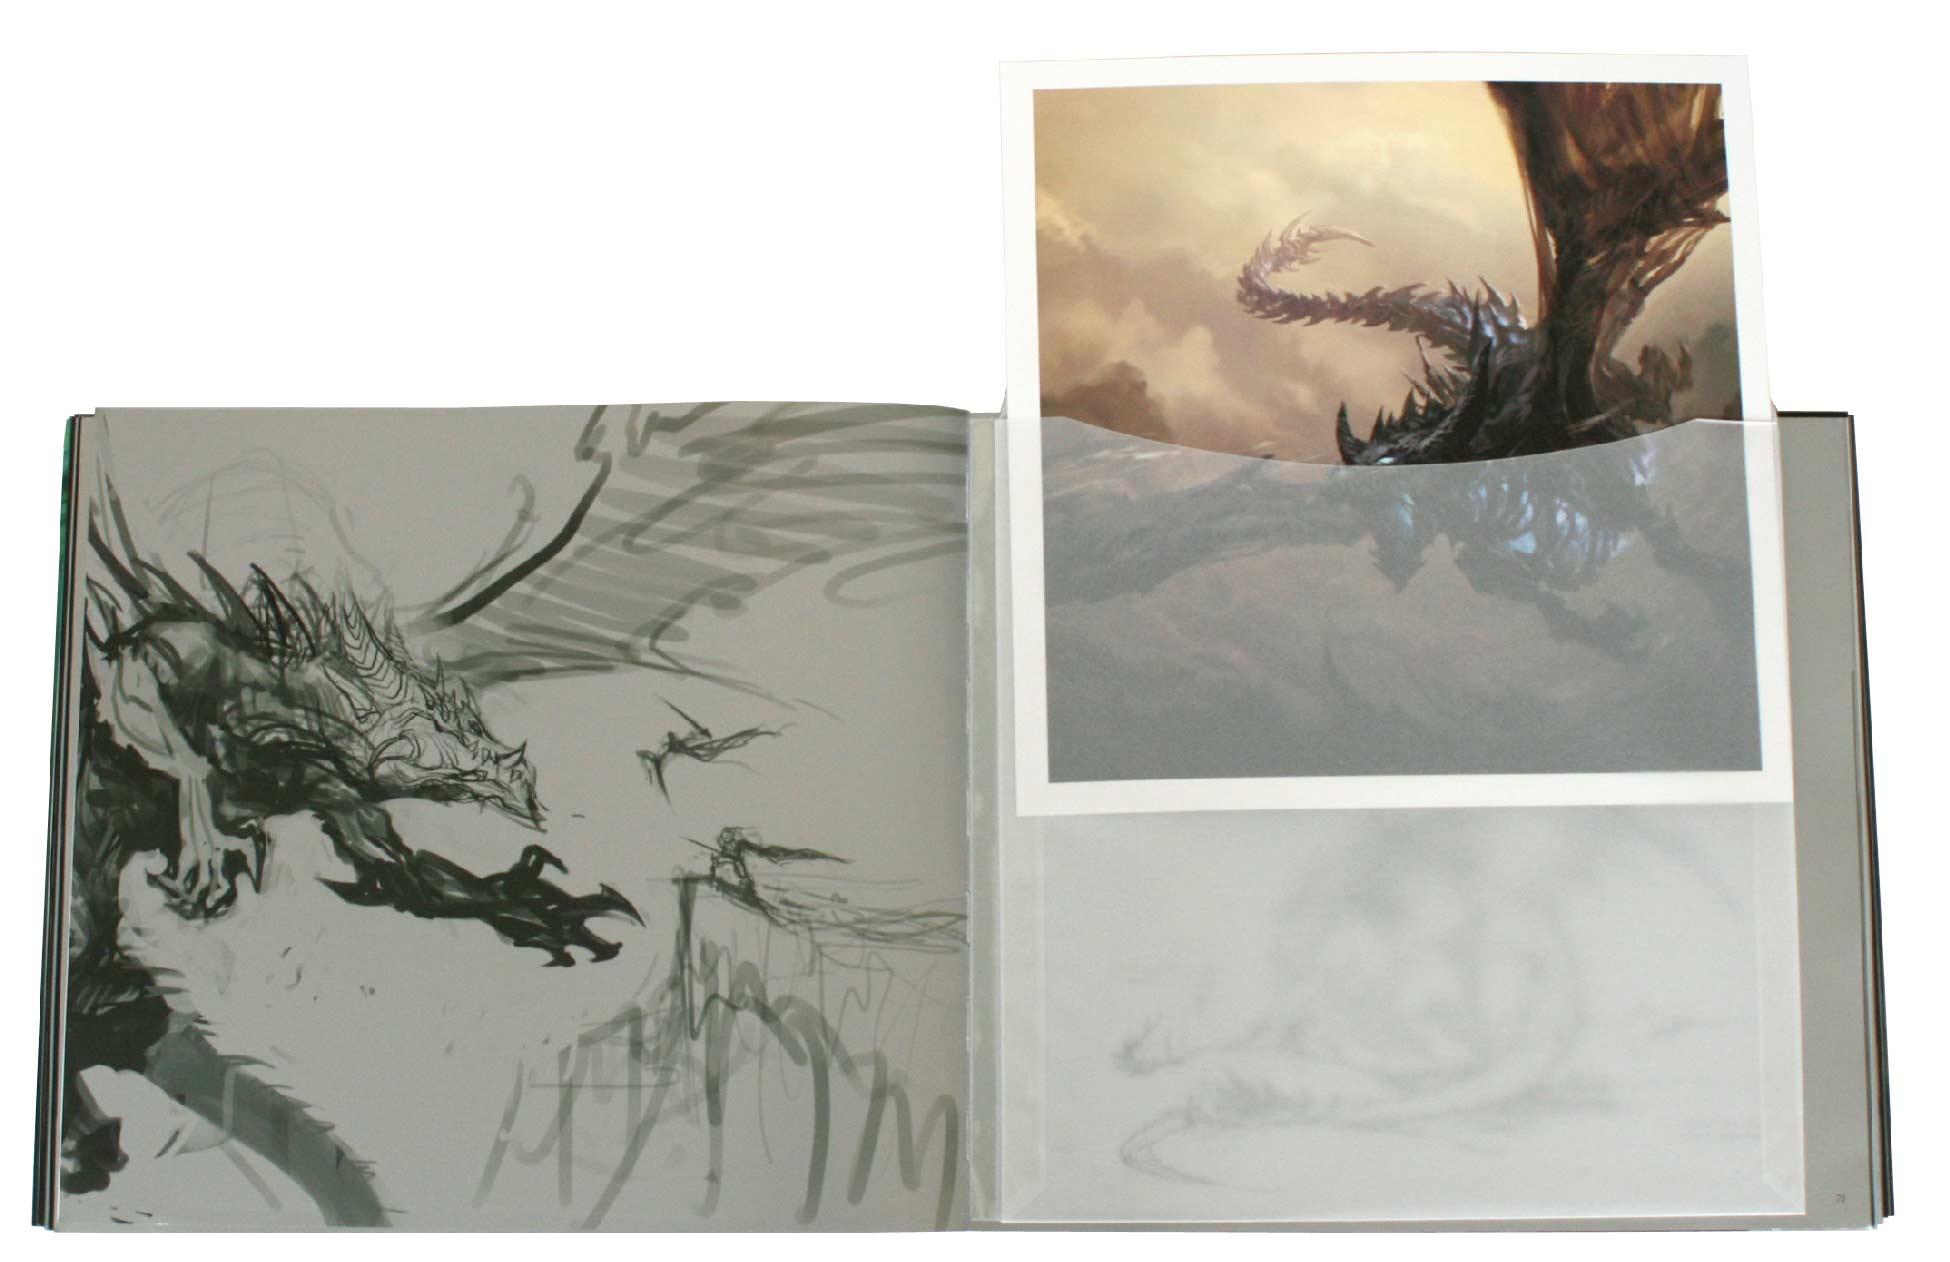 deux tirages d'art sont rangé dans des enveloppes au milieu du livre